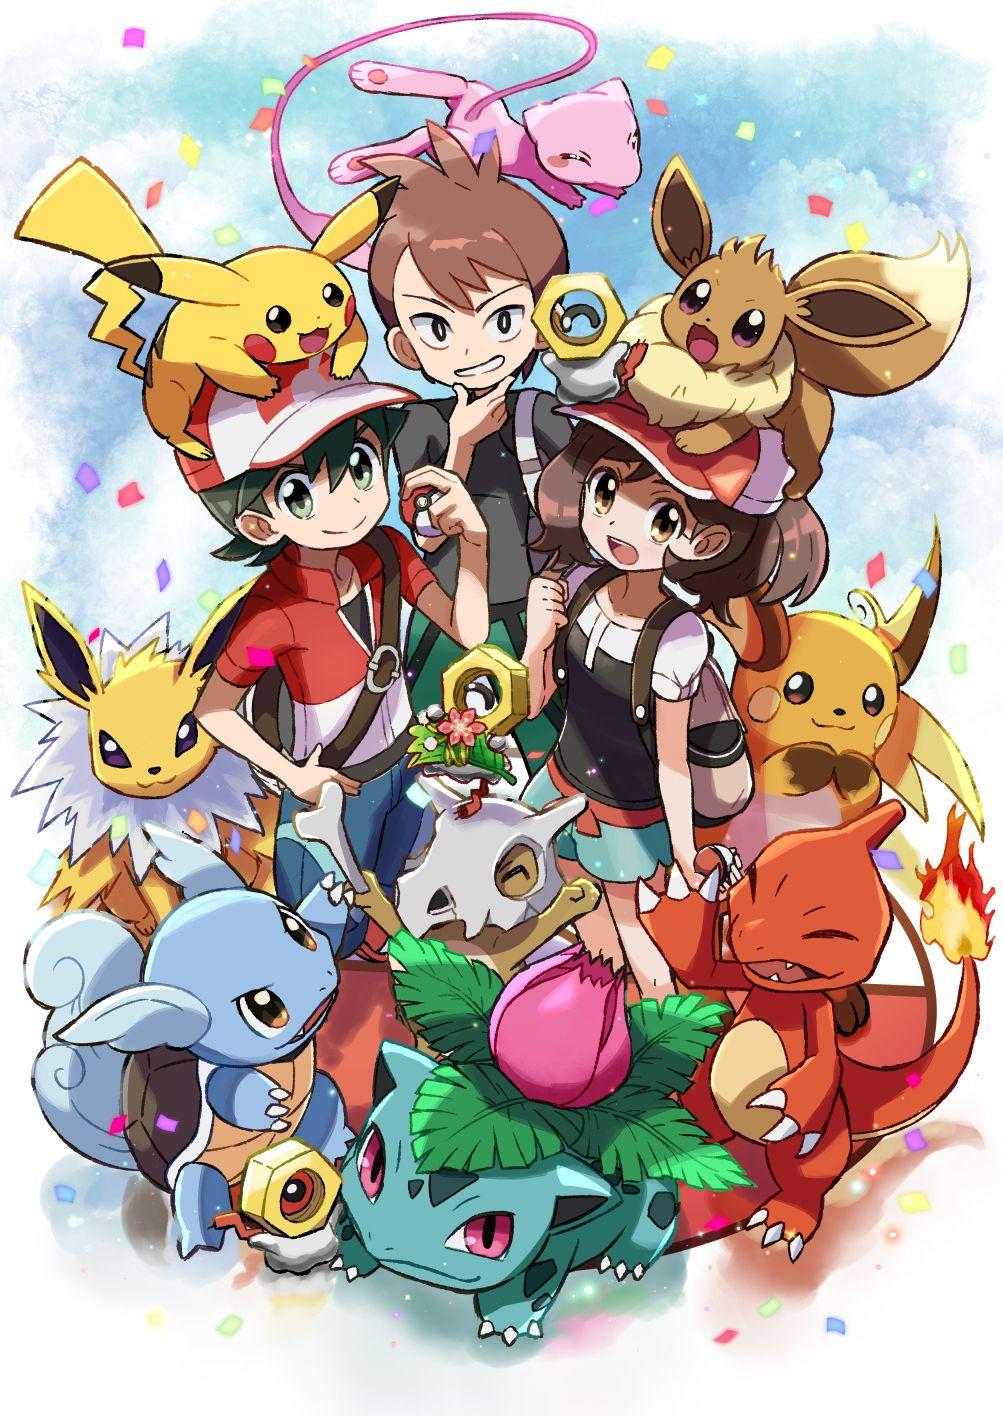 Pokémon Let's Go Pikachu Wallpapers - Wallpaper Cave